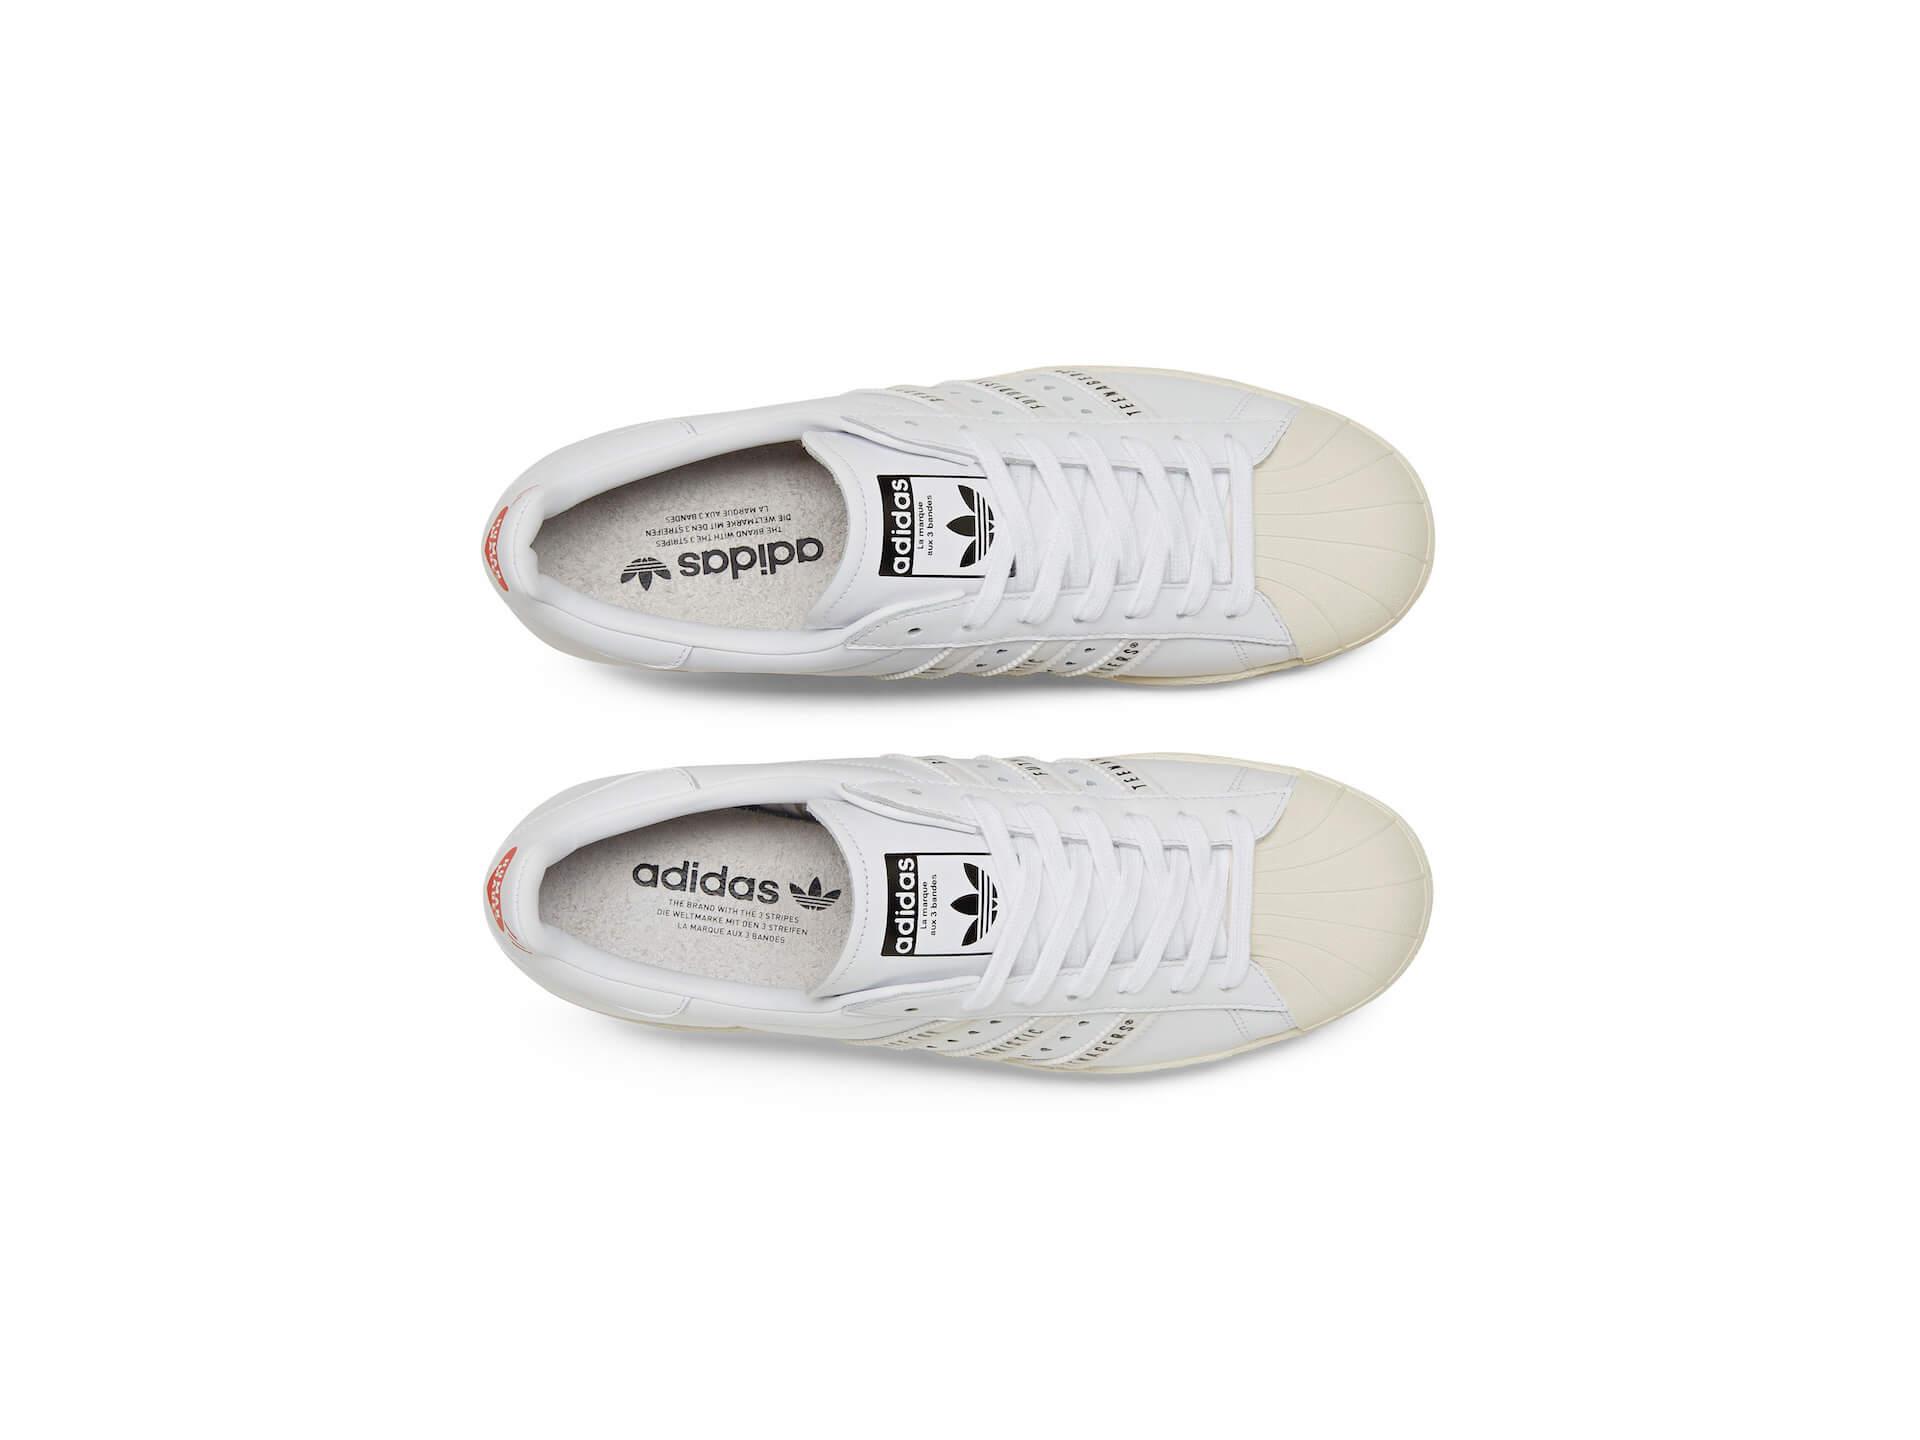 adidas OriginalsとNIGOがコラボ!ハートロゴがあしらわれた『SUPERSTAR』が発売 lf200417_adidashumanmade_21